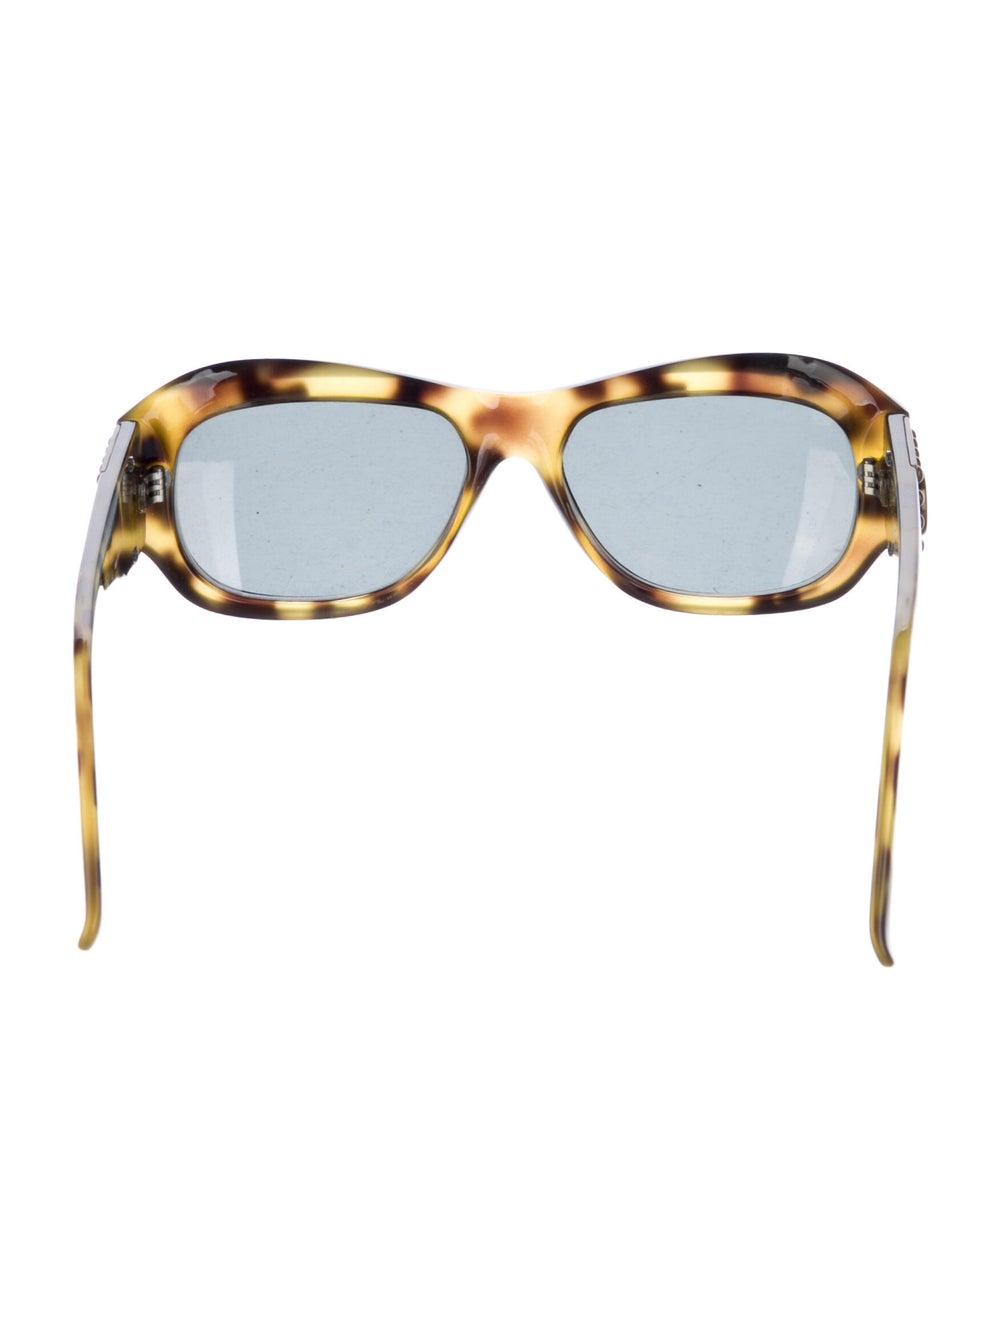 Gianni Versace Cat-Eye Mirrored Sunglasses Brown - image 3